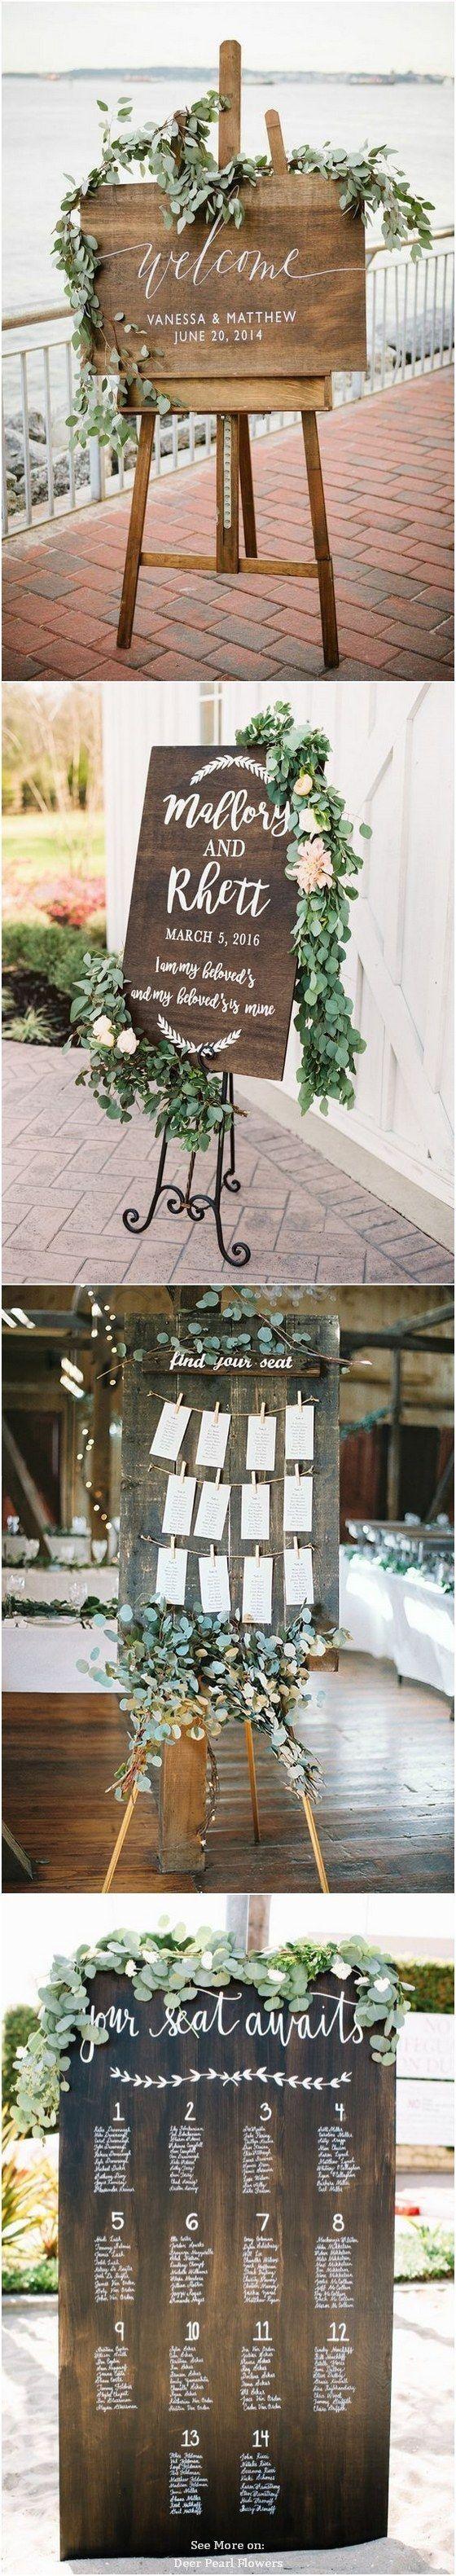 Wedding decorations outside house february 2019  best Wedding decorations images on Pinterest  Weddings Wedding